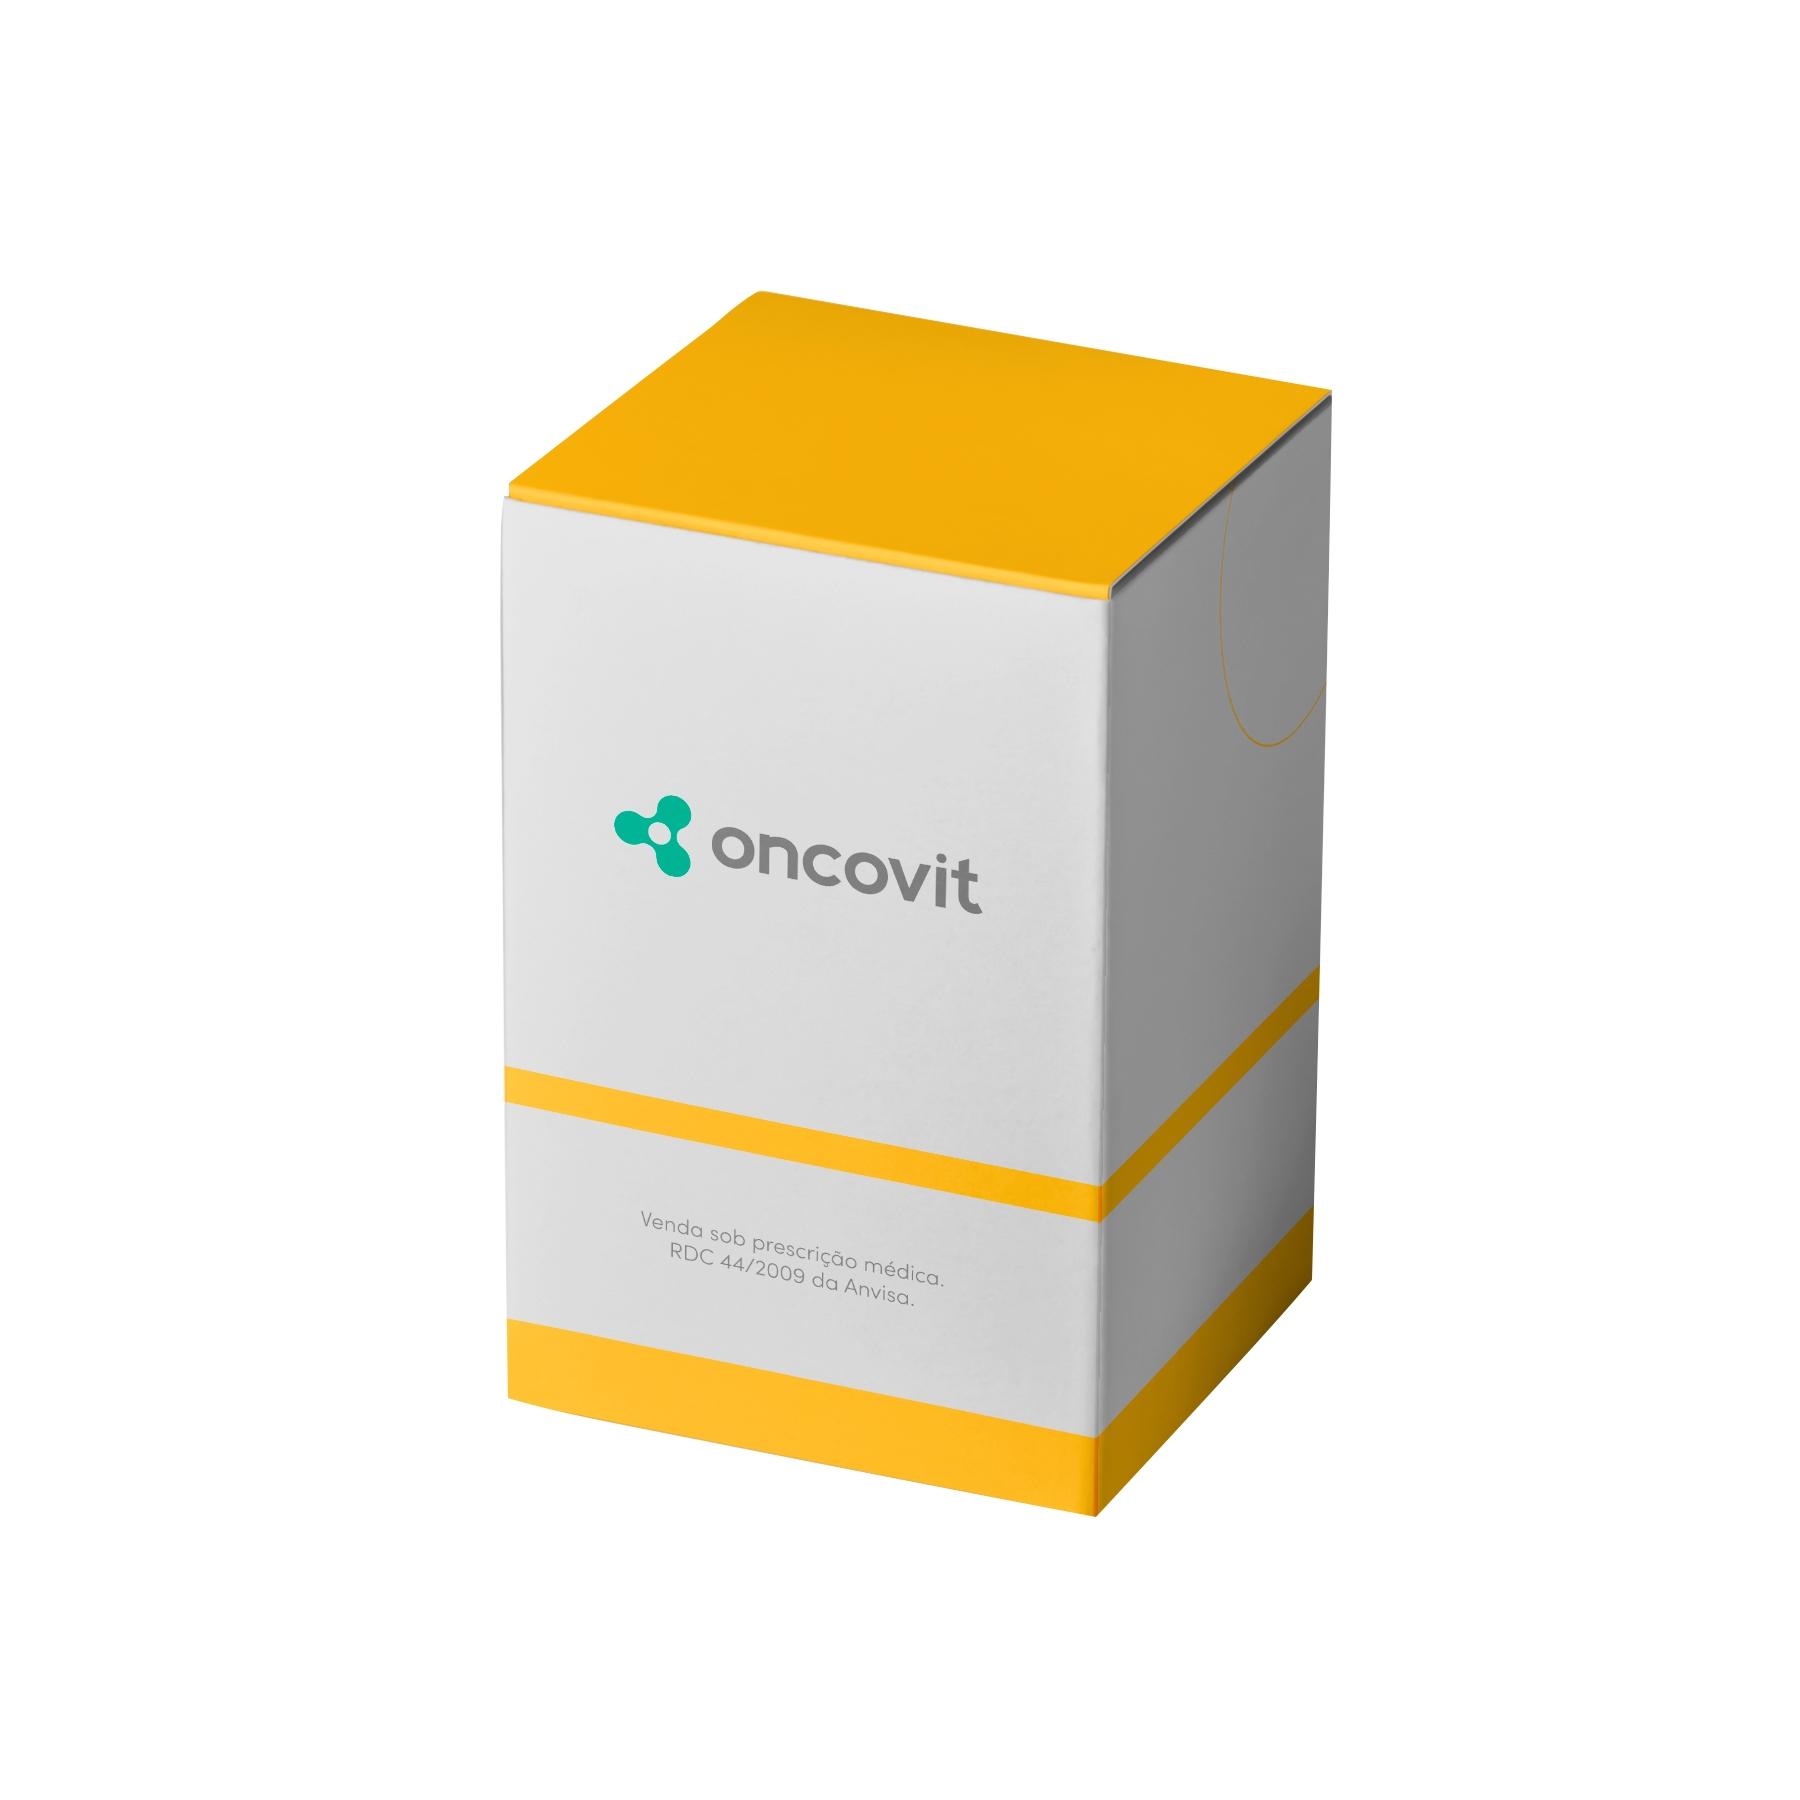 Enoxalow 60mg/0,6mL caixa com 10 seringas preenchidas com 0,6mL de solução de uso intravenoso + sistema de segurança